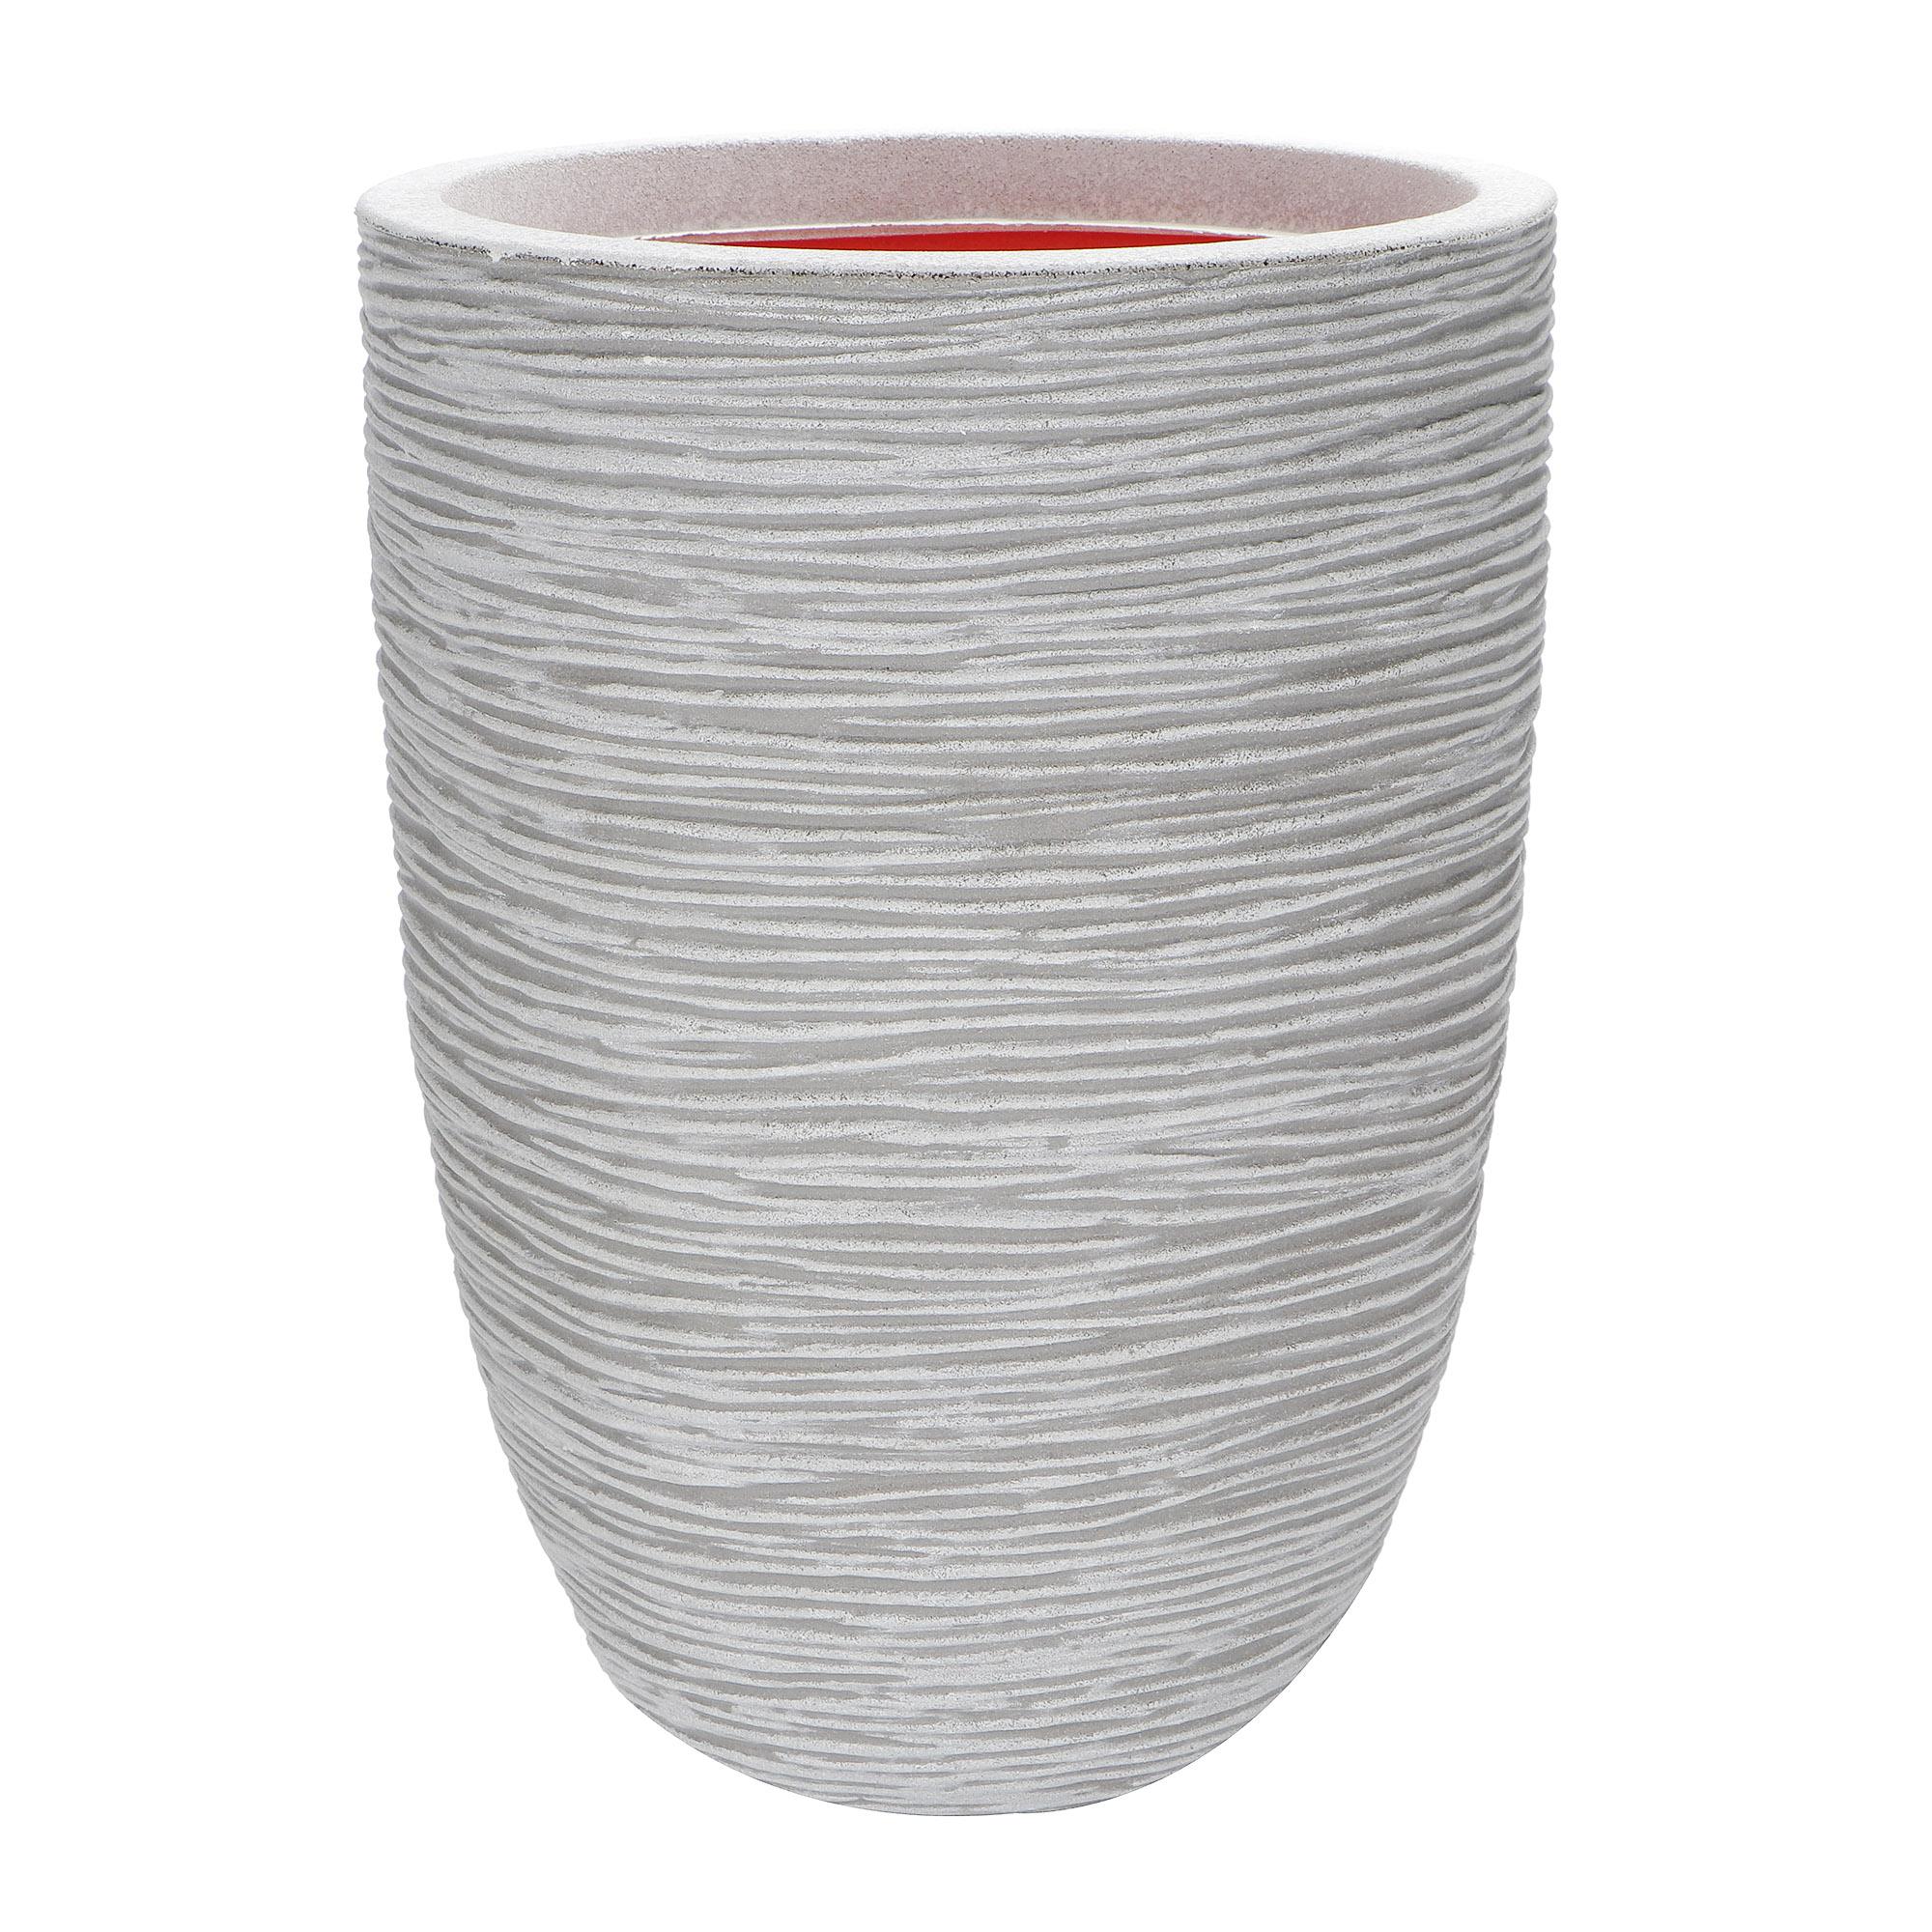 Кашпо Capi Tutch Vase Elegant слоновая кость 36х47 см